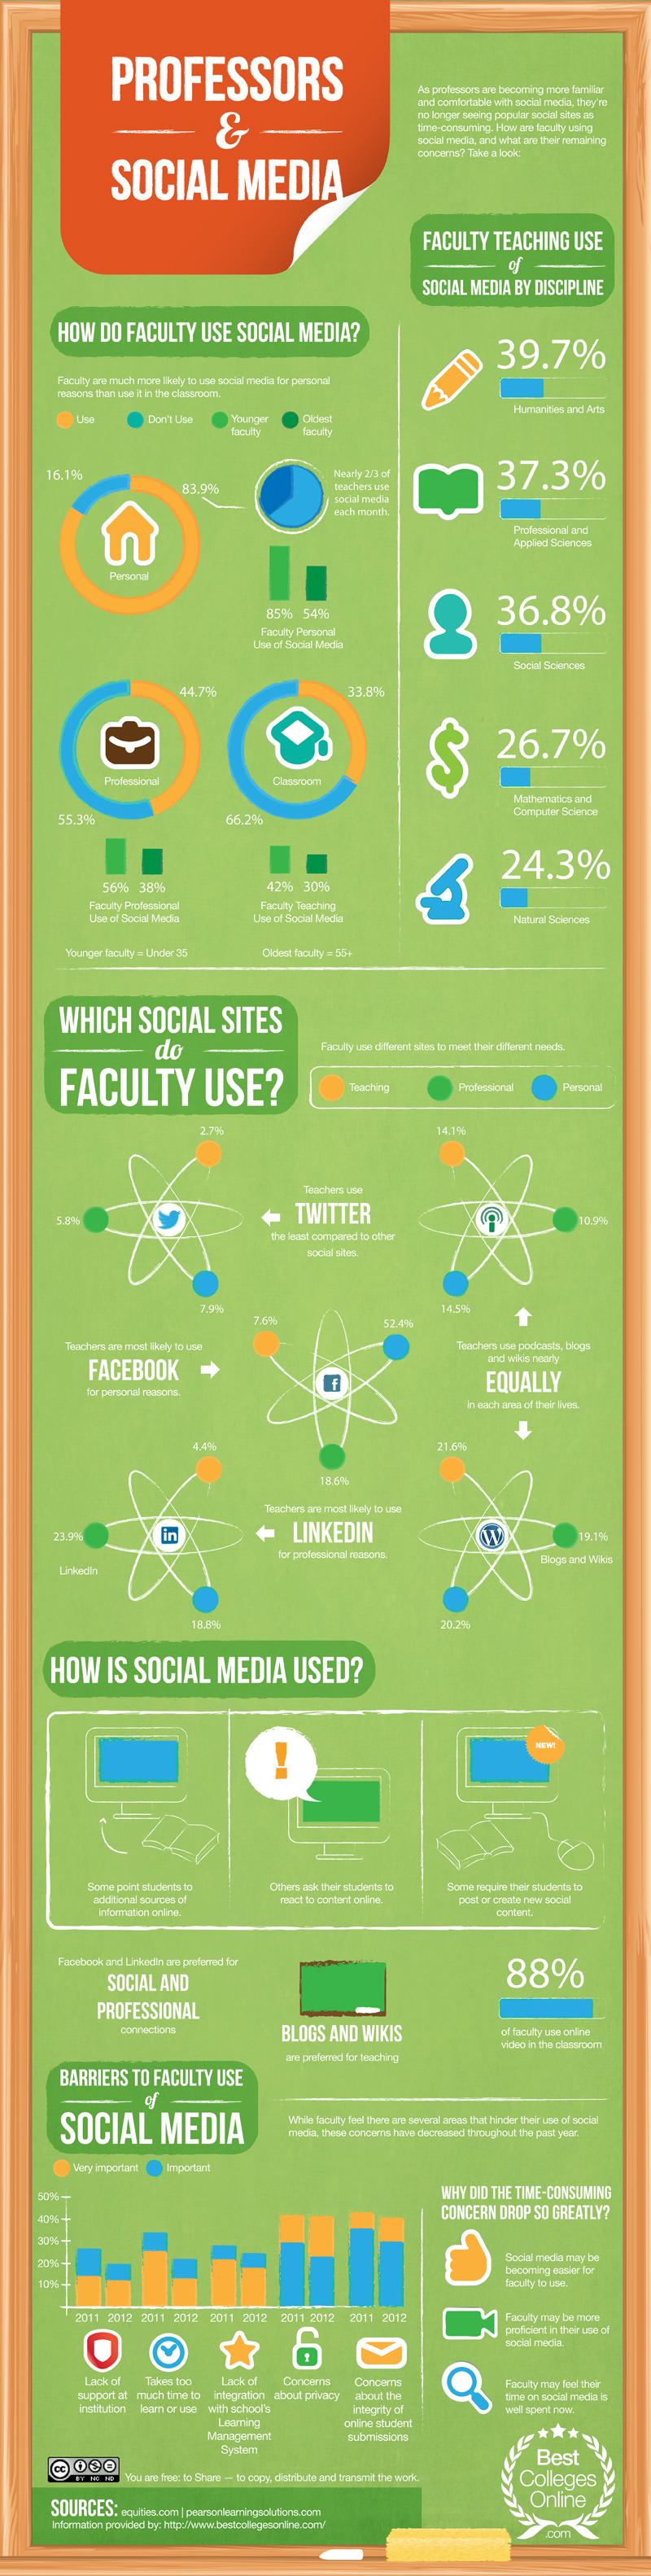 Profesores y Redes Sociales